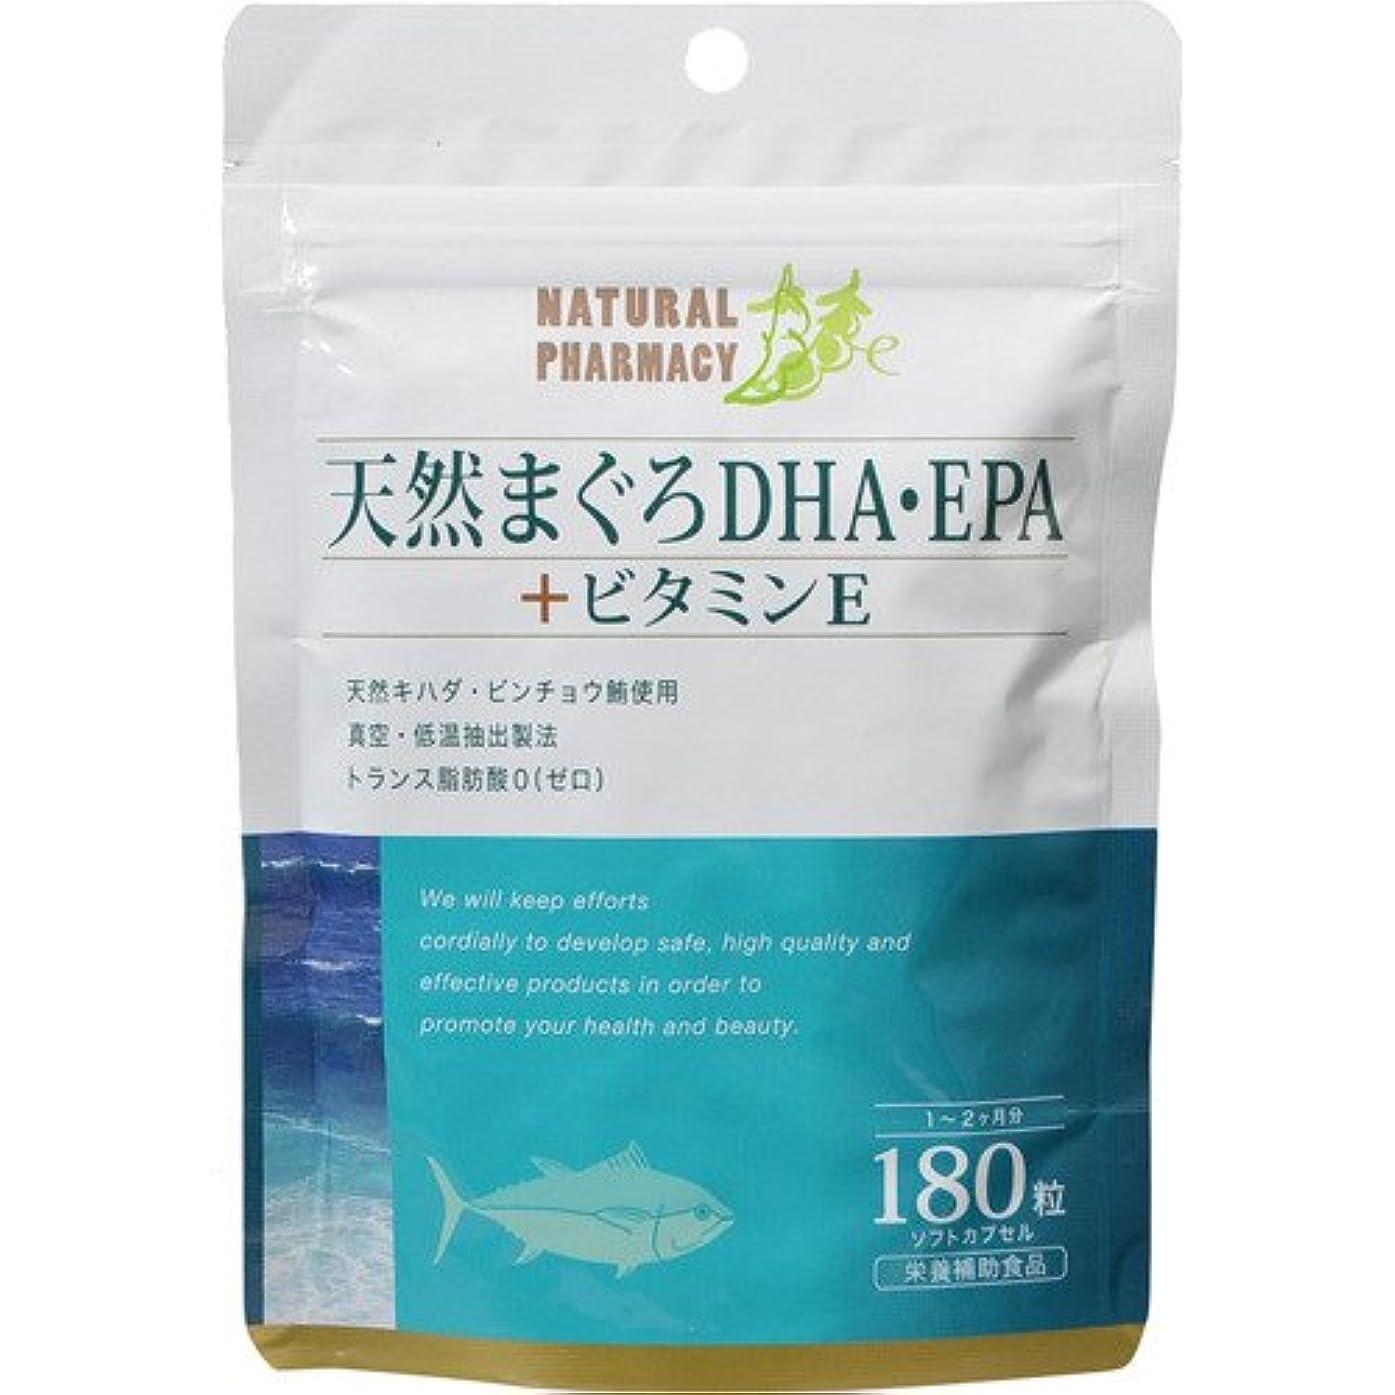 お祝い避けられないワークショップすみや 天然まぐろDHA?EPA+ビタミンE 180粒